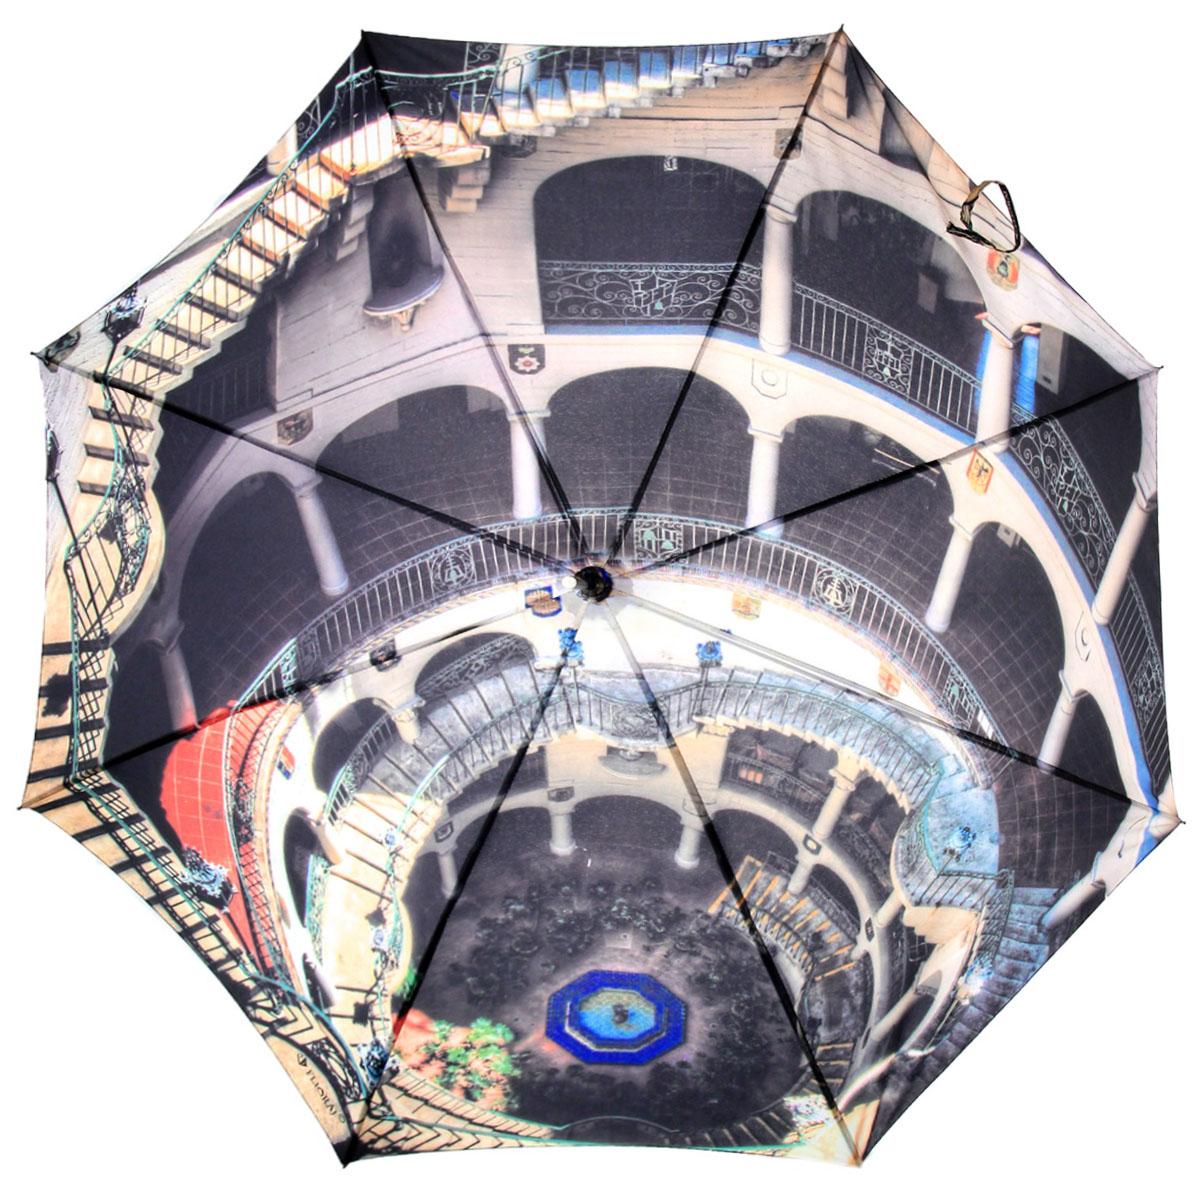 Зонт-трость Flioraj Арки, полуавтомат, бежевый, черный012-11 FJЭлегантный полуавтоматический зонт-трость Flioraj Арки даже в ненастную погоду позволит вам подчеркнуть свою индивидуальность. Каркас зонта из анодированной стали состоит из восьми карбоновых спиц, а рукоятка закругленной формы разработана с учетом требований эргономики и покрыта искусственной кожей. Зонт снабжен системой Антиветер. Зонт имеет полуавтоматический механизм сложения: купол открывается нажатием кнопки на рукоятке, а закрывается вручную до характерного щелчка. Купол зонта выполнен из прочного полиэстера с тефлоновой пропиткой и оформлен оригинальным изображением сложной архитектурной композиции. Закрытый купол фиксируется хлястиком на кнопке. Такой зонт не только надежно защитит вас от дождя, но и станет стильным аксессуаром.